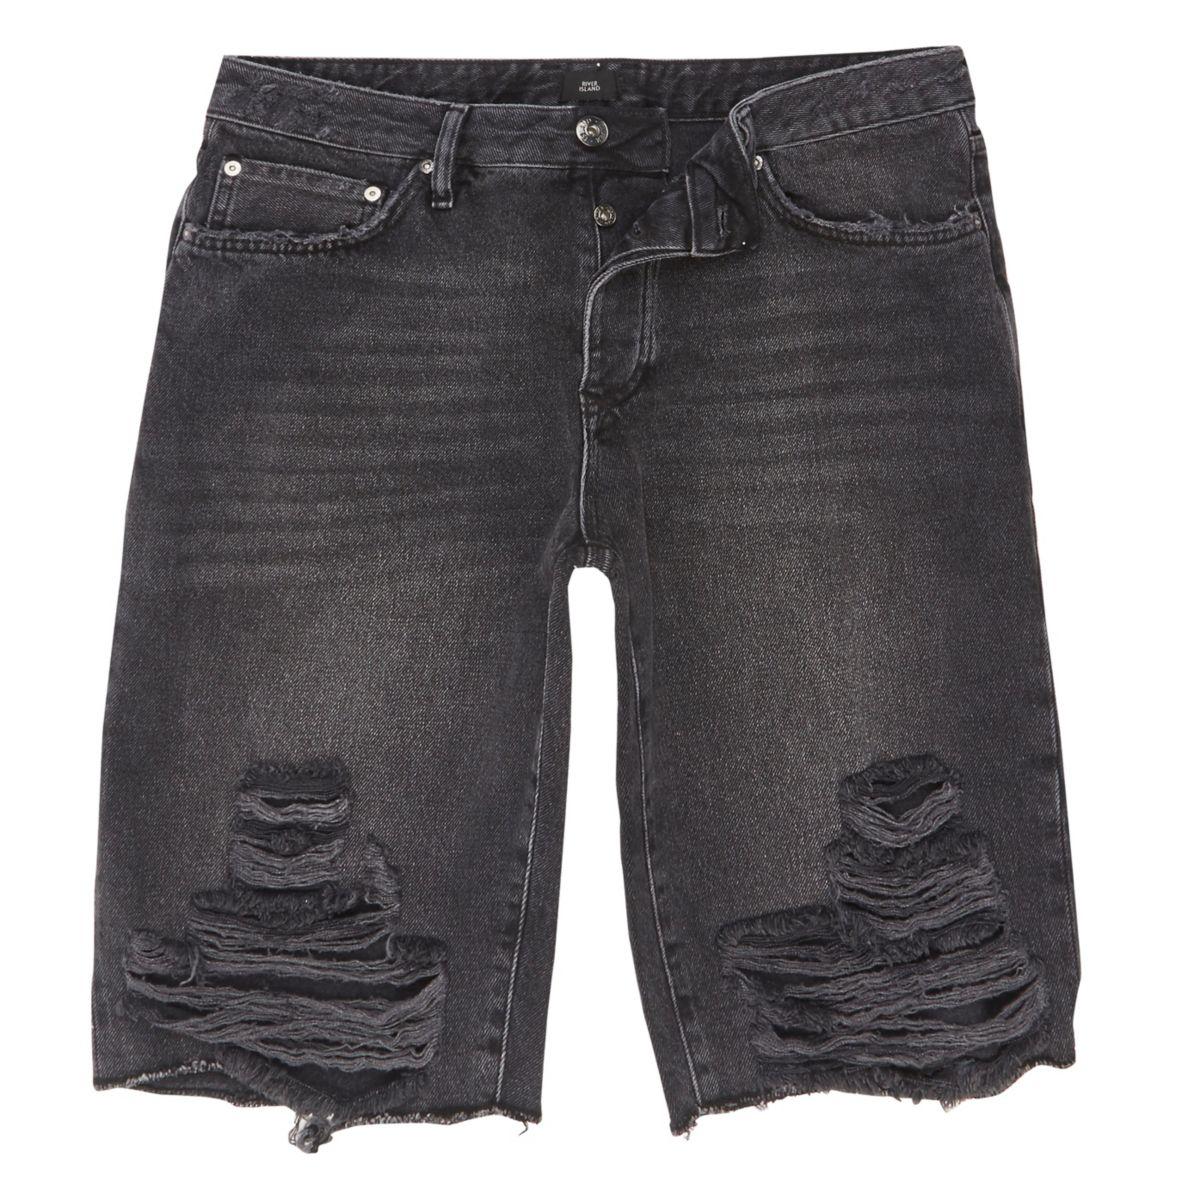 Zwart wash denim short met scheur in de knie